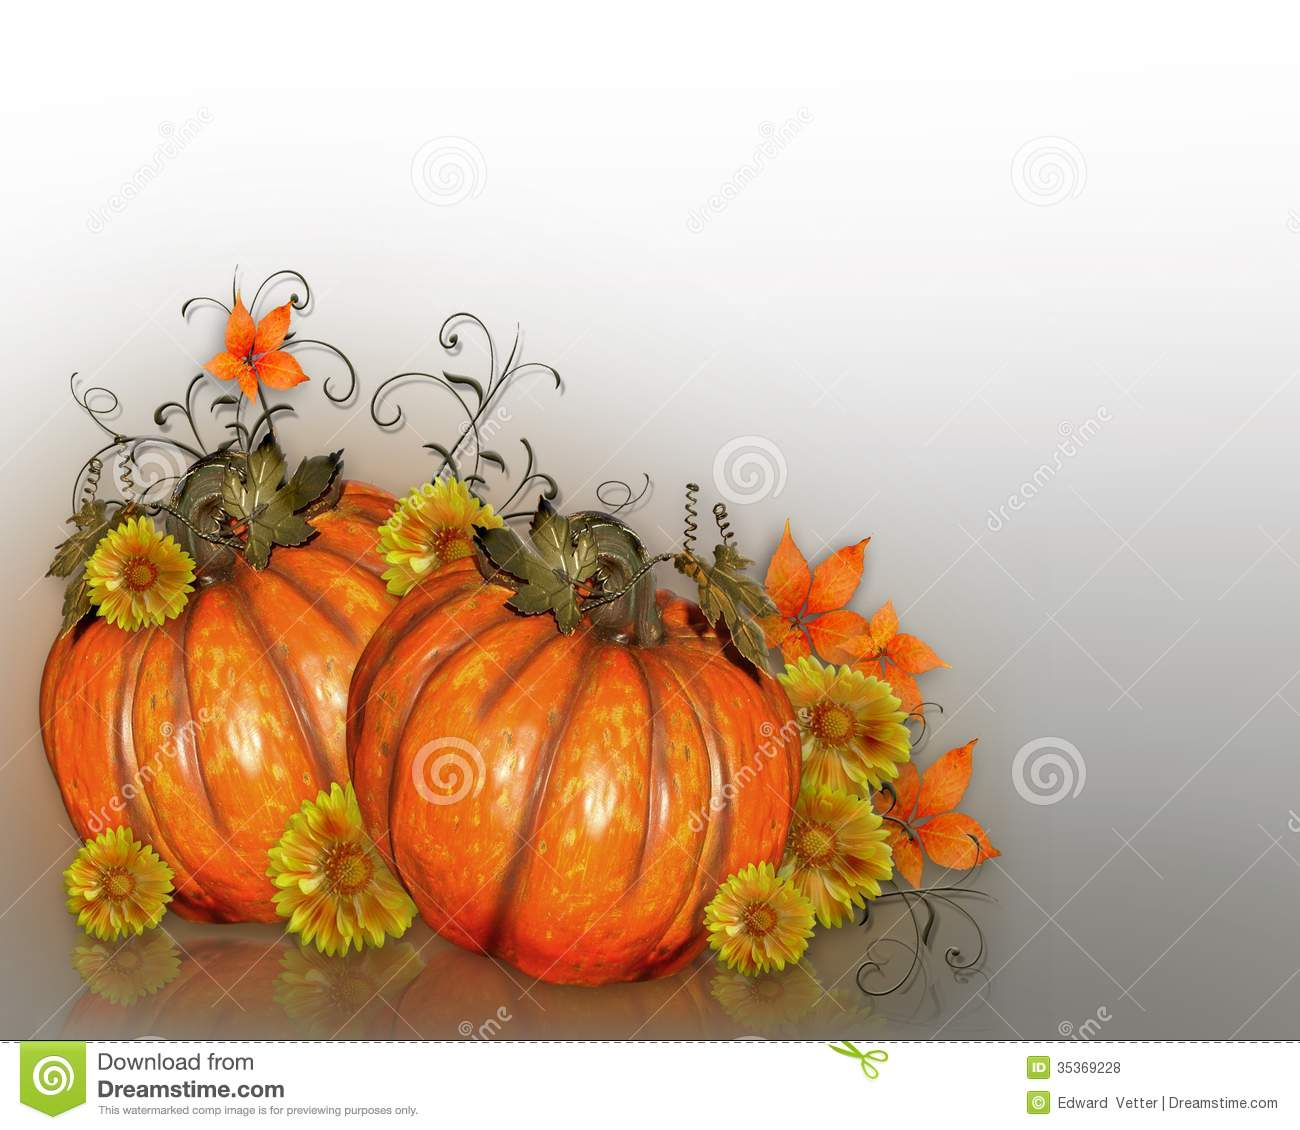 Thanksgiving Flowers Wallpaper: [40+] Pumpkin And Fall Flower Wallpaper On WallpaperSafari